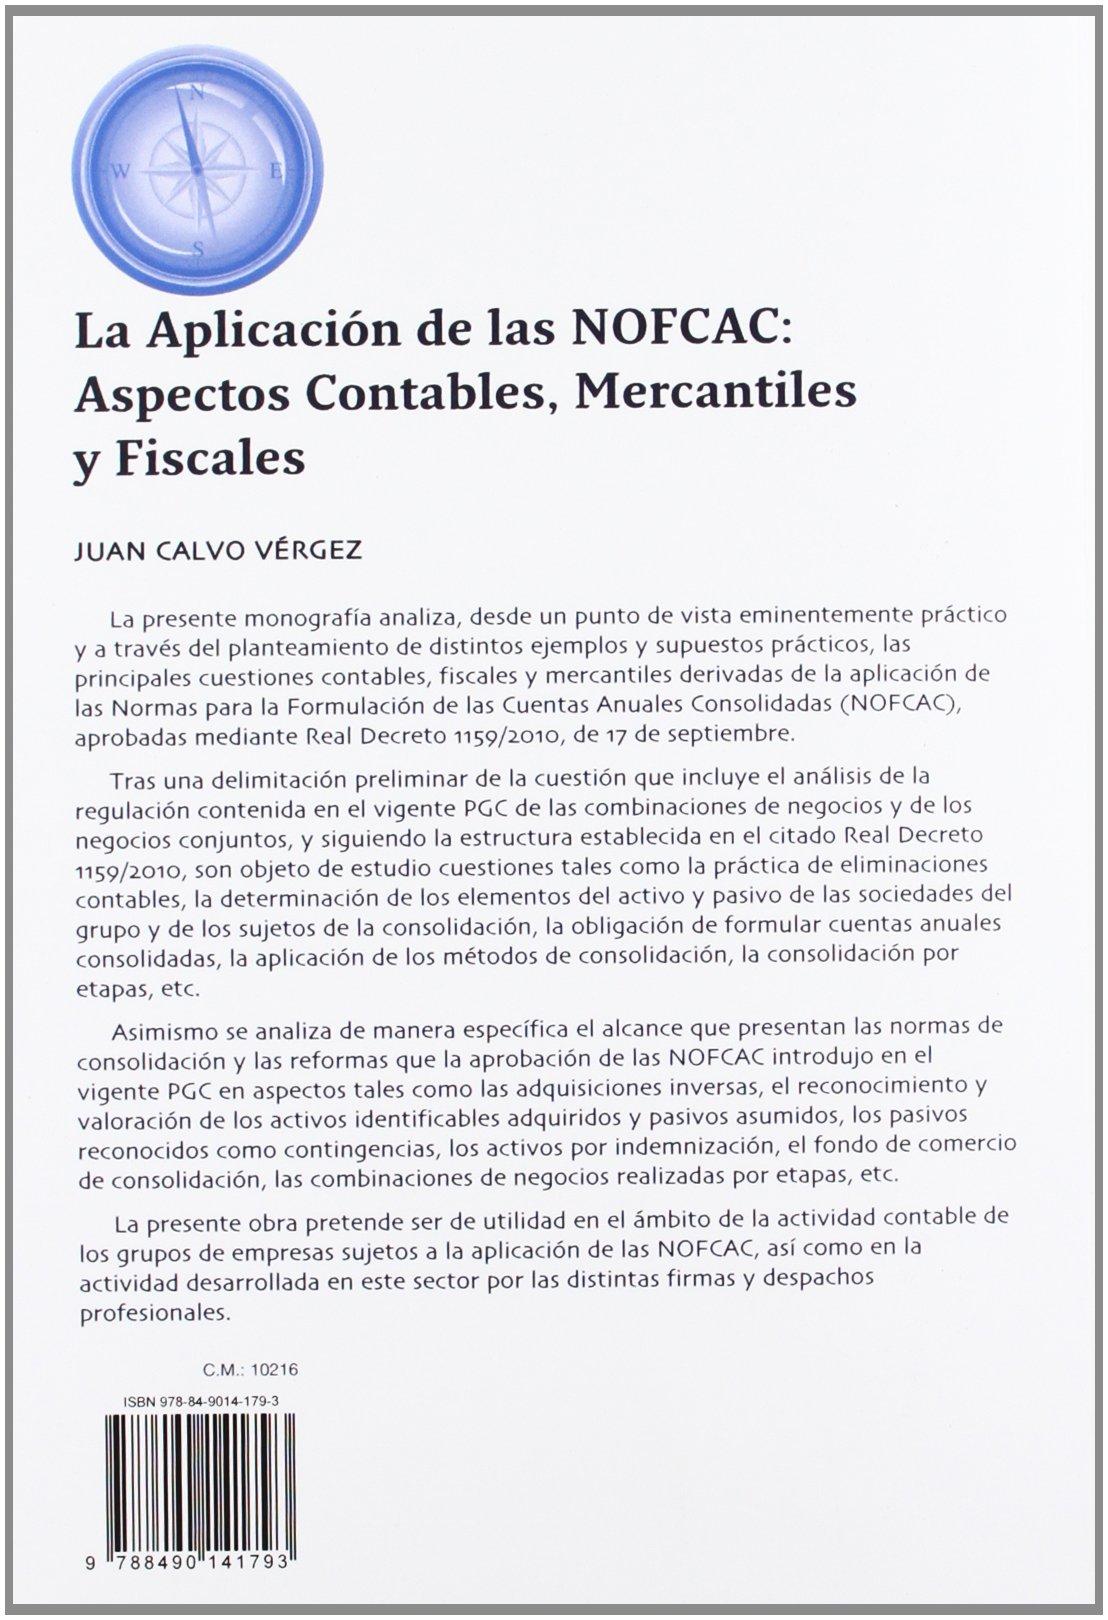 La aplicación de las NOFCAC: Aspectos contables, mercantiles y fiscales Guías Prácticas: Amazon.es: Juan Calvo Vérgez: Libros